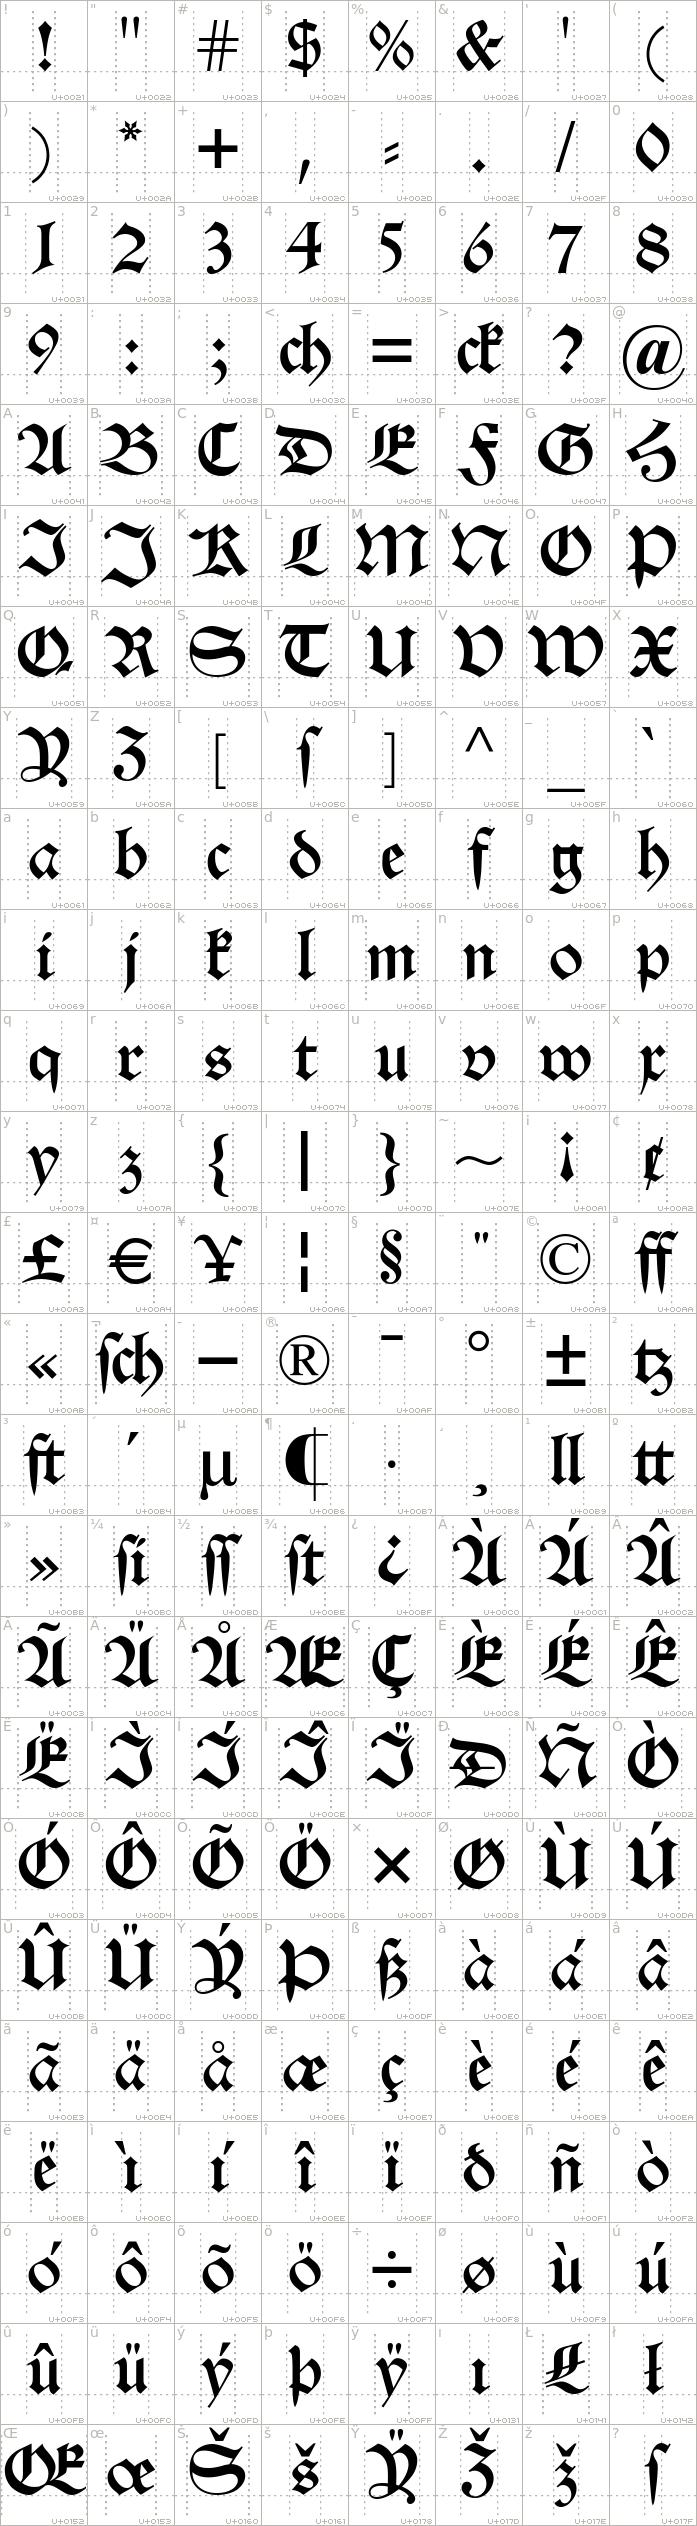 Alte Schwabacher Font Family · 1001 Fonts | letters